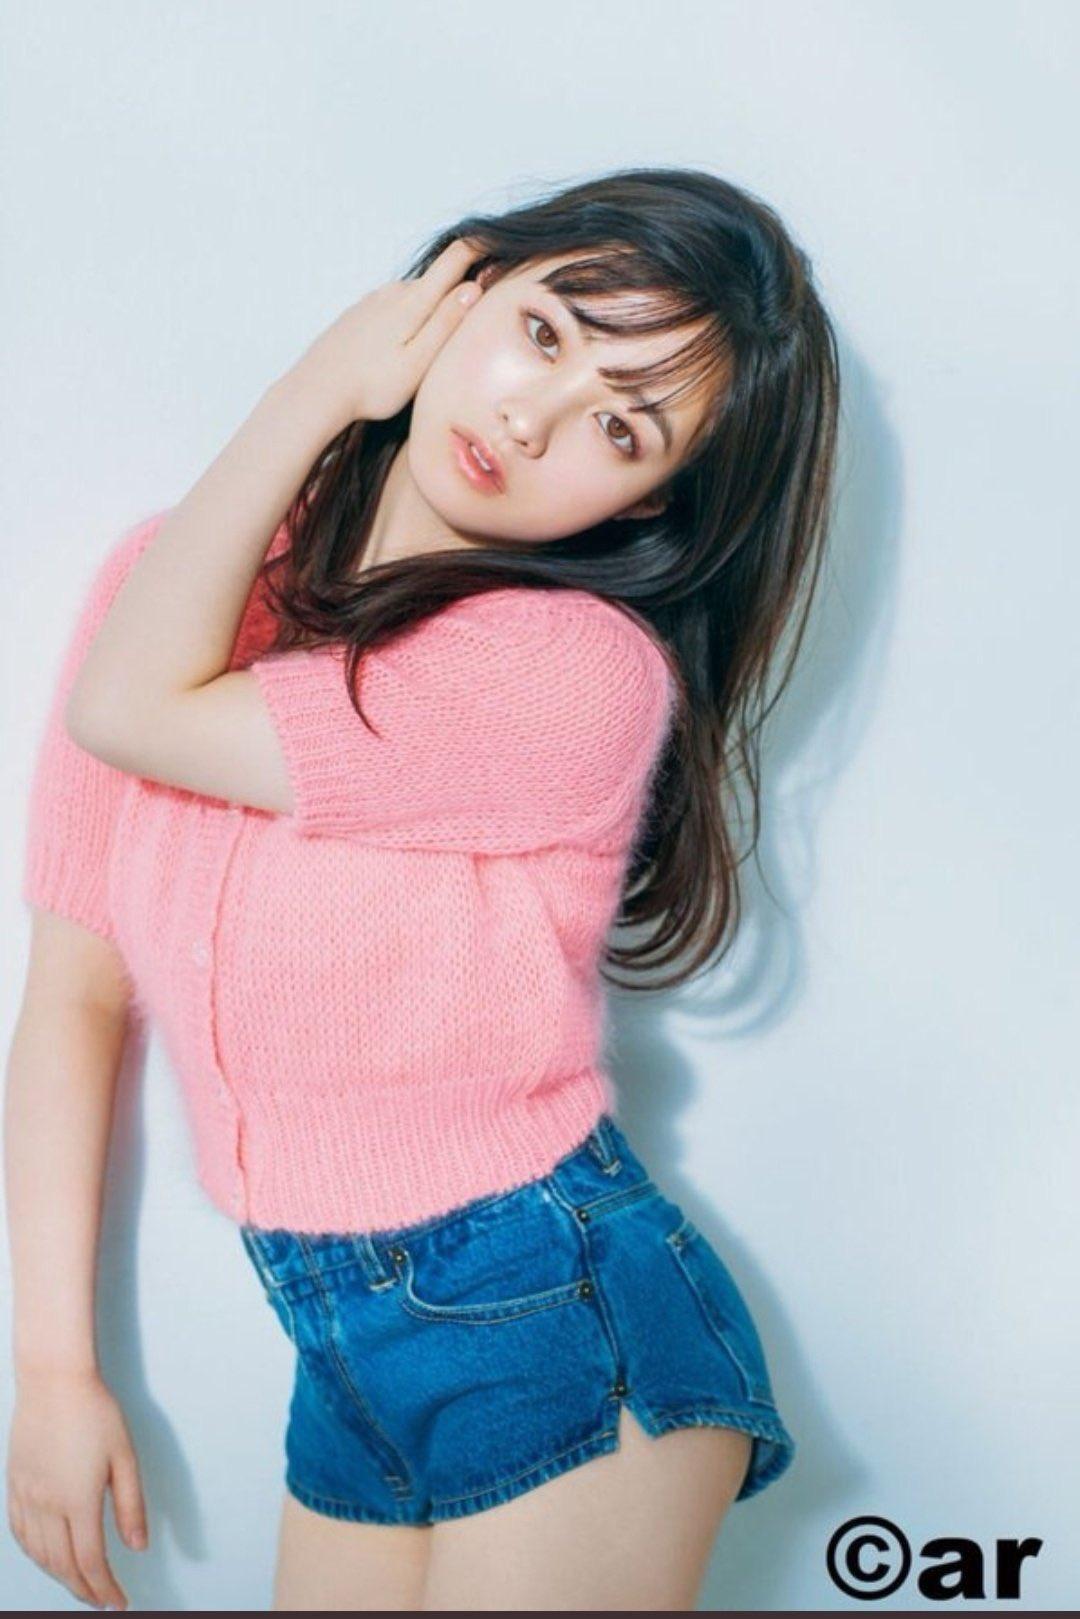 日本を代表する女優さんはなぜか骨格ストレートの方ばかり!!